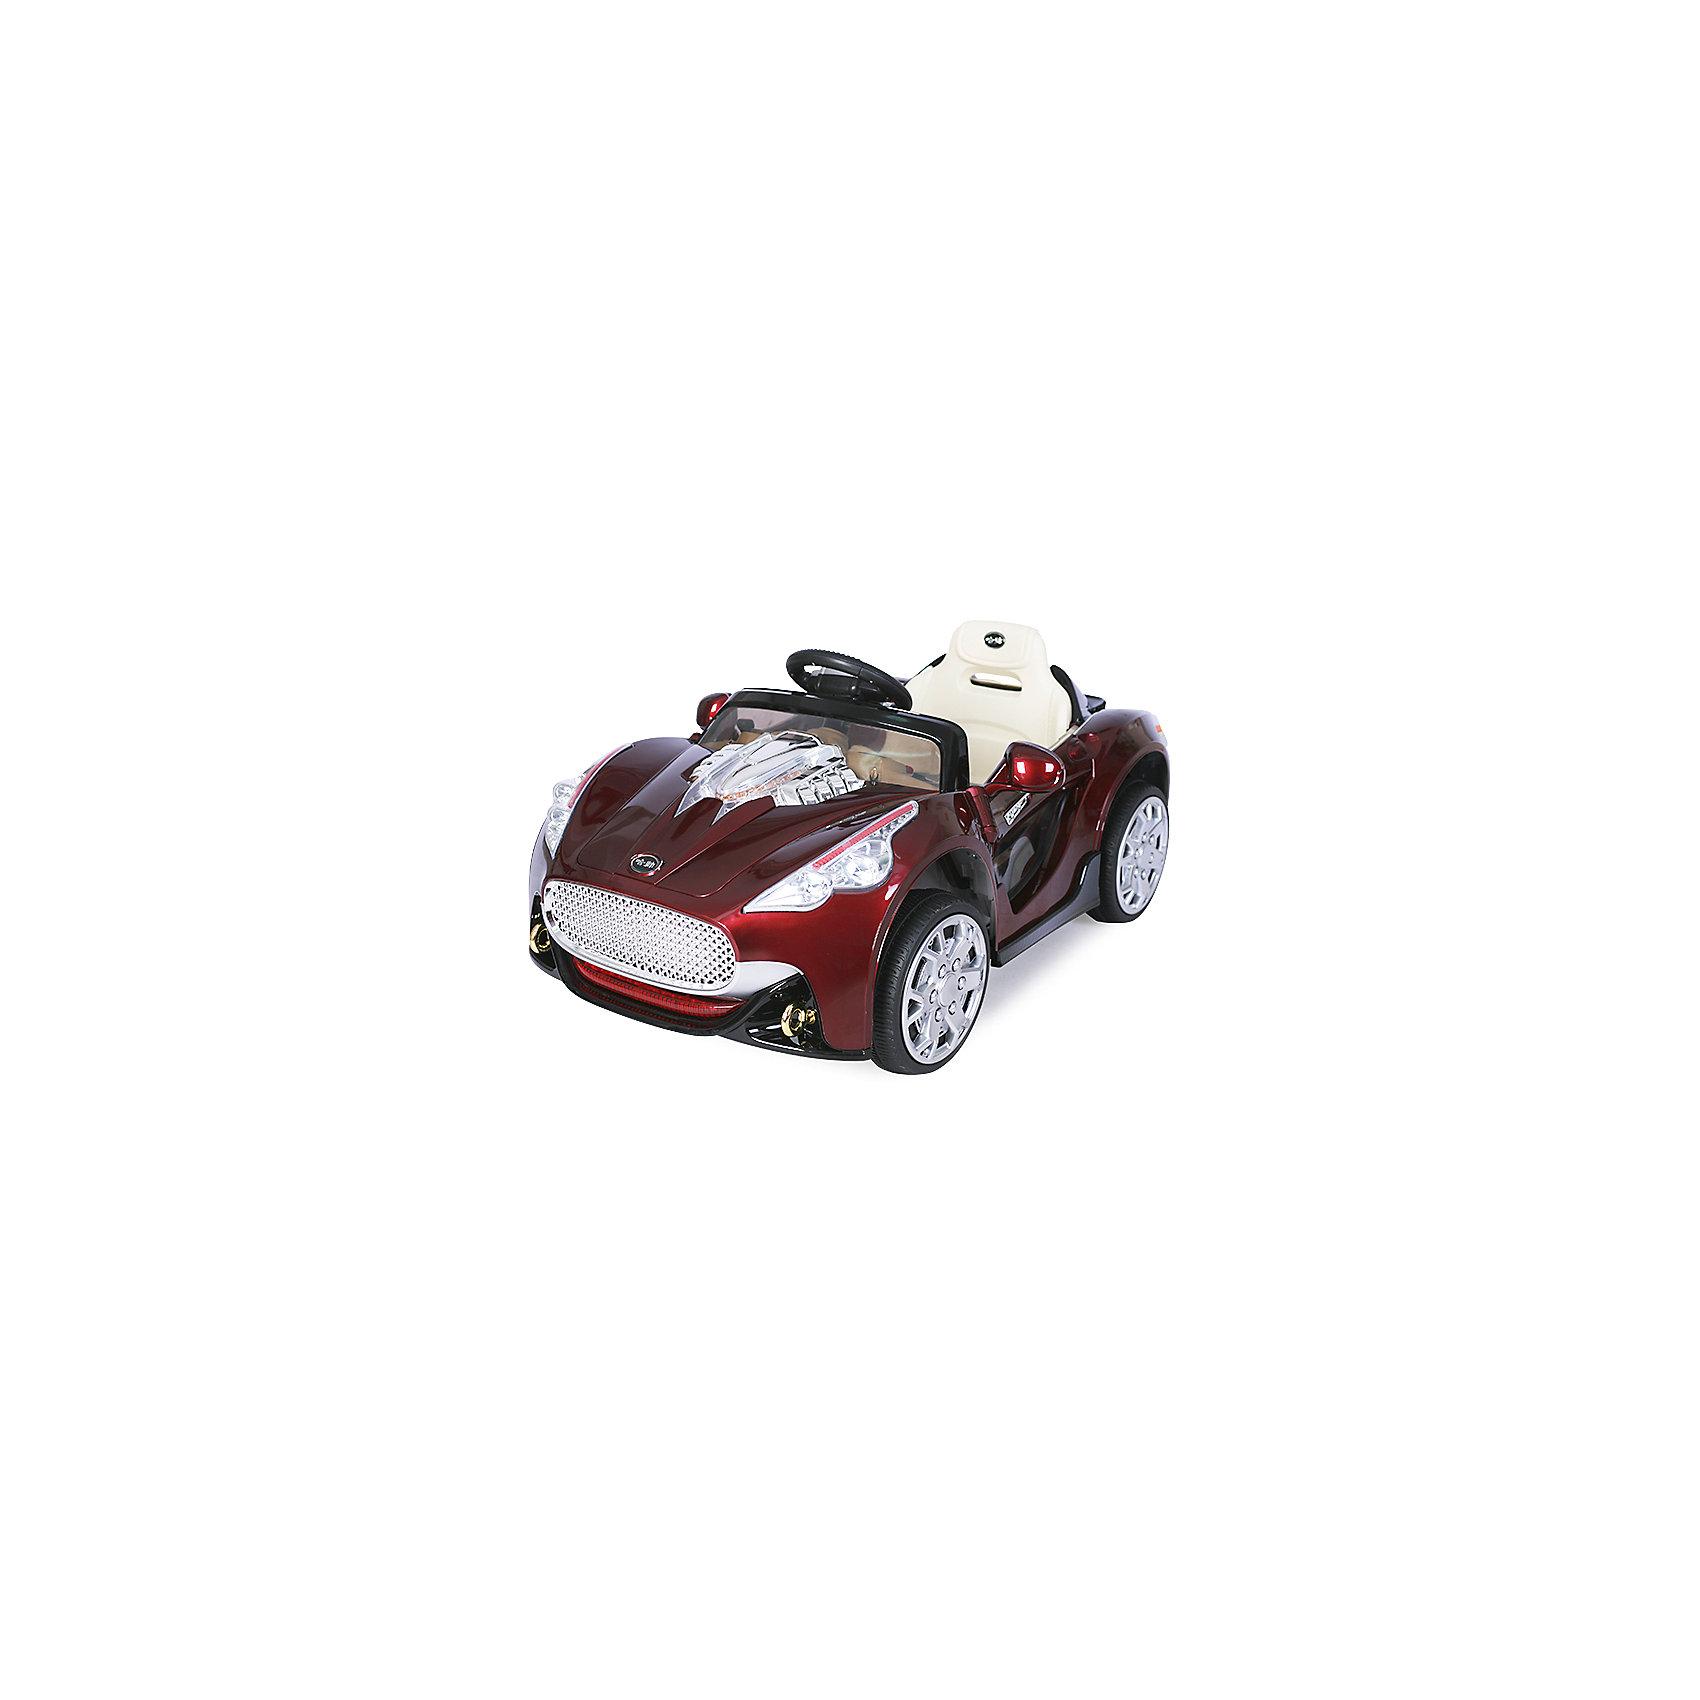 Электромобиль Суперкар-108, MP3, со светом и звуком, ZilmerЭлектромобили<br>Характеристики товара:<br><br>• материал: металл, полимер<br>• цвет: красный<br>• аккумуляторная батарея: 6V/7Ah<br>• удобный руль <br>• световые и звуковые эффекты<br>• 4 колеса<br>• движение вперёд и назад, повороты влево и вправо<br>• удобное сиденье<br>• боковые зеркала<br>• надежные материалы<br>• продуманная конструкция<br>• стильный дизайн<br>• возраст: от 3 лет<br>• размер: 66x37x120 см<br>• вес: 17 кг<br>• страна производства: Китай<br><br>О таком электромобиле мечтают многие мальчишки! Он очень красиво выглядит, также электромобиль способствует скорейшему развитию способности ориентироваться в пространстве, развивает физические способности, мышление и ловкость. Помимо этого, кататься на нём - очень увлекательное занятие!<br><br>Этот электромобиле выделяется устойчивой конструкцией и удобным сиденьем, а также световыми и звуковыми эффектами. Данная модель выполнена в стильном дизайне, отличается продуманной конструкцией. Легко управляется даже малышами. Отличный подарок для активного ребенка!<br><br>Электромобиль Суперкар-108, MP3, со светом и звуком, от бренда Zilmer можно купить в нашем интернет-магазине.<br><br>Ширина мм: 1200<br>Глубина мм: 660<br>Высота мм: 370<br>Вес г: 22000<br>Возраст от месяцев: 36<br>Возраст до месяцев: 72<br>Пол: Унисекс<br>Возраст: Детский<br>SKU: 5478524